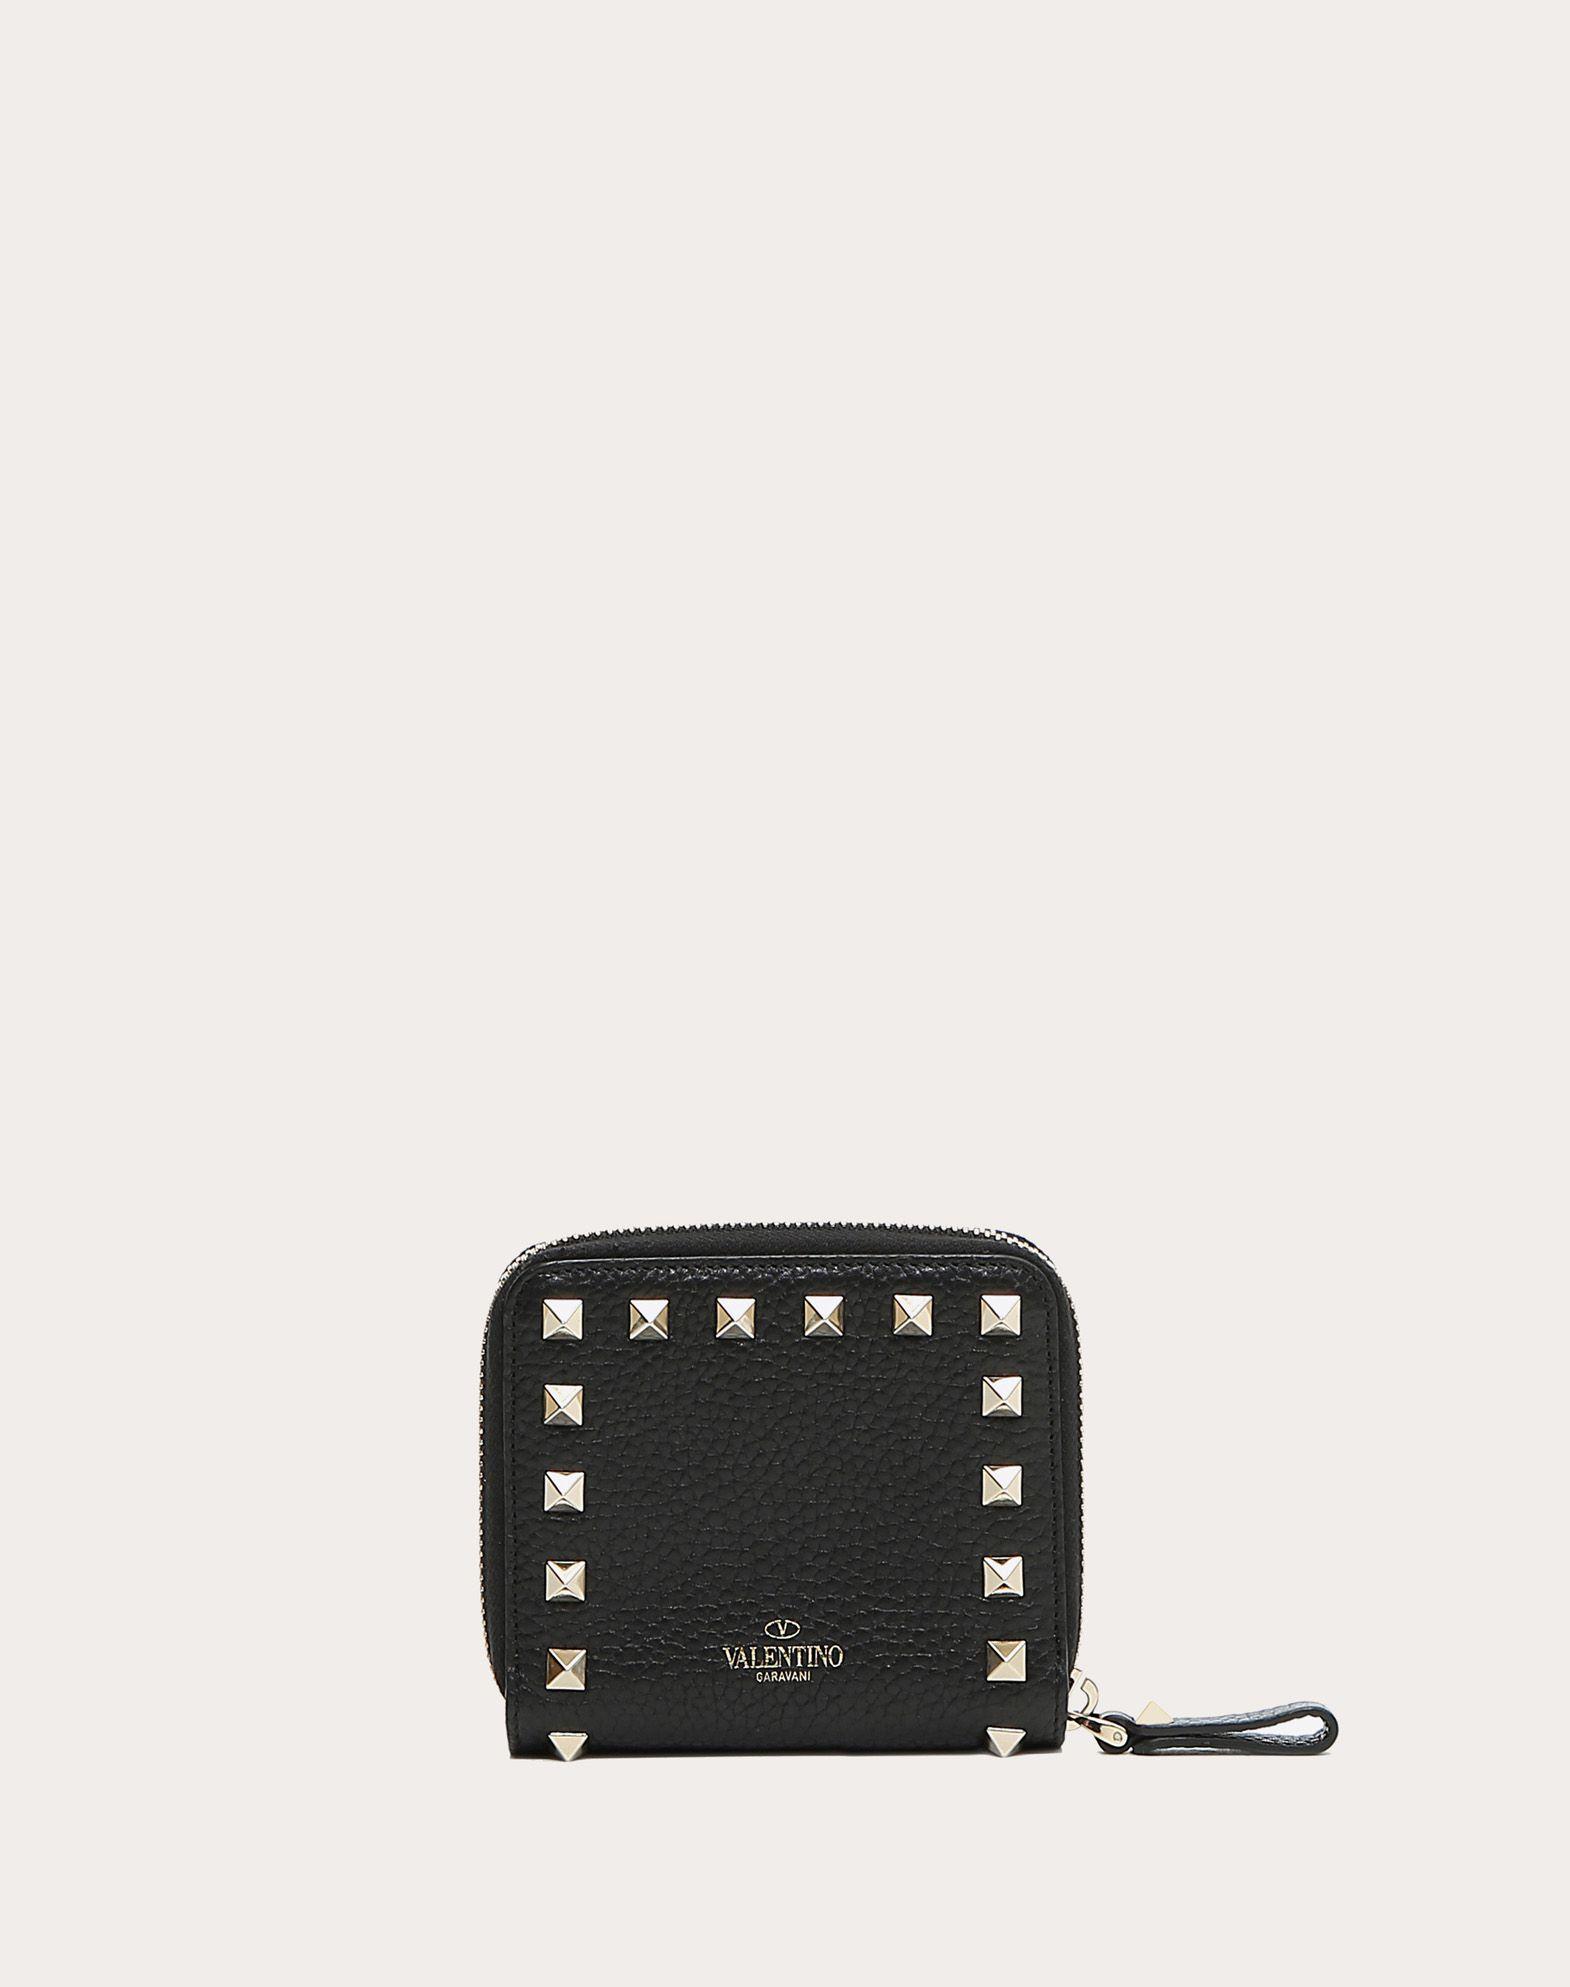 VALENTINO GARAVANI Rockstud Compact Wallet COMPACT WALLETS D d